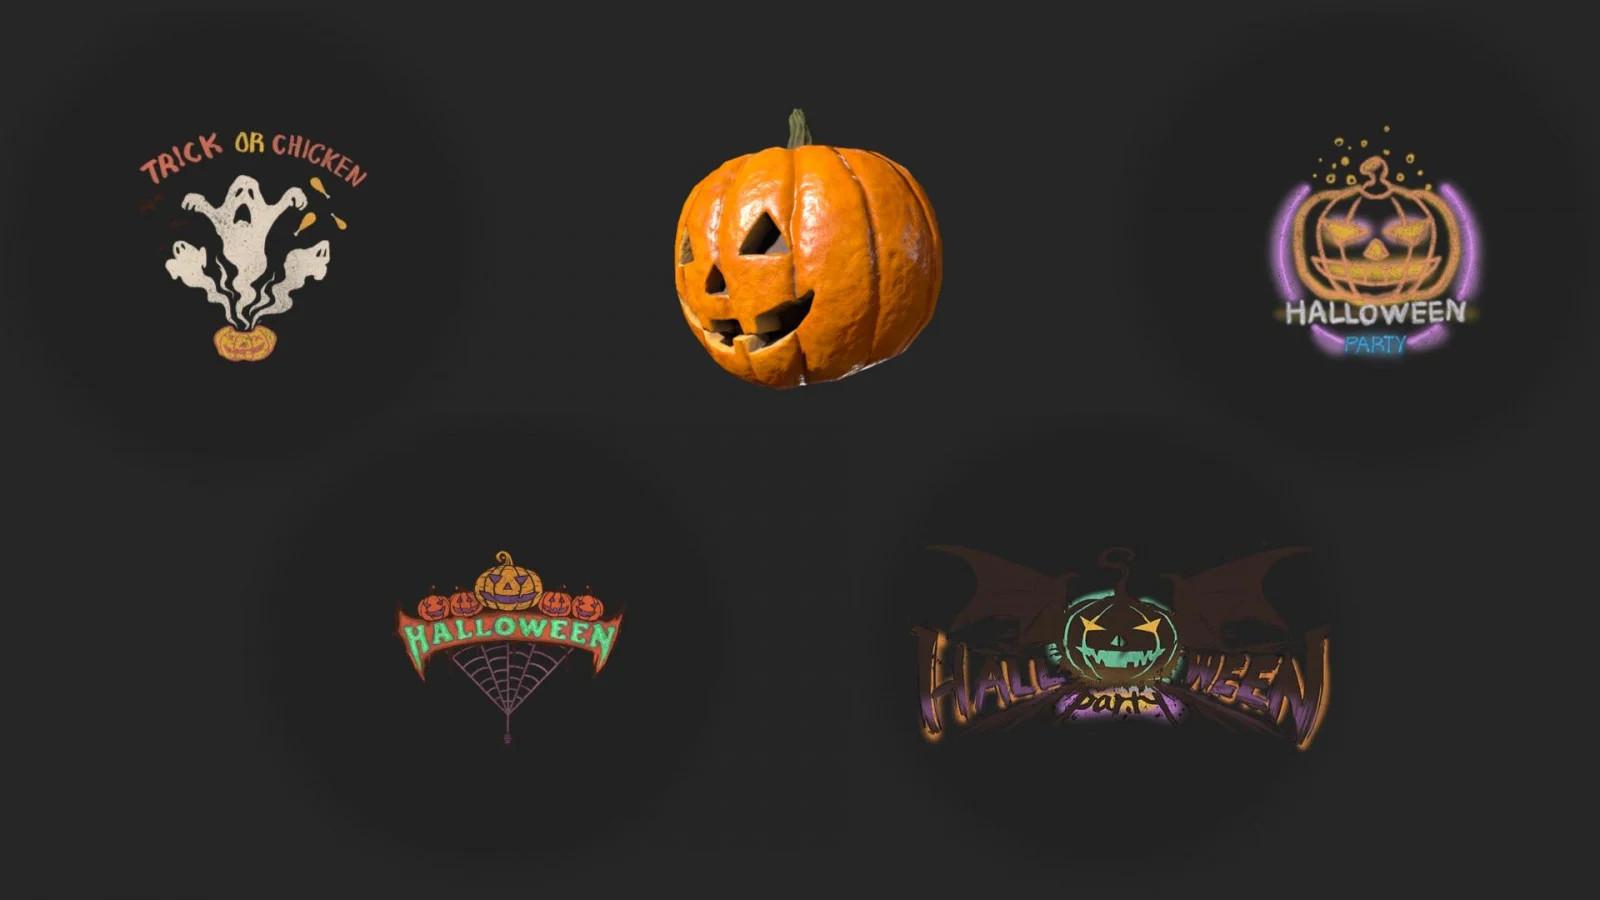 Разработчики PUBG планируют провести акцию, посвященную «Хэллоуину» и проведут раздачу предметов